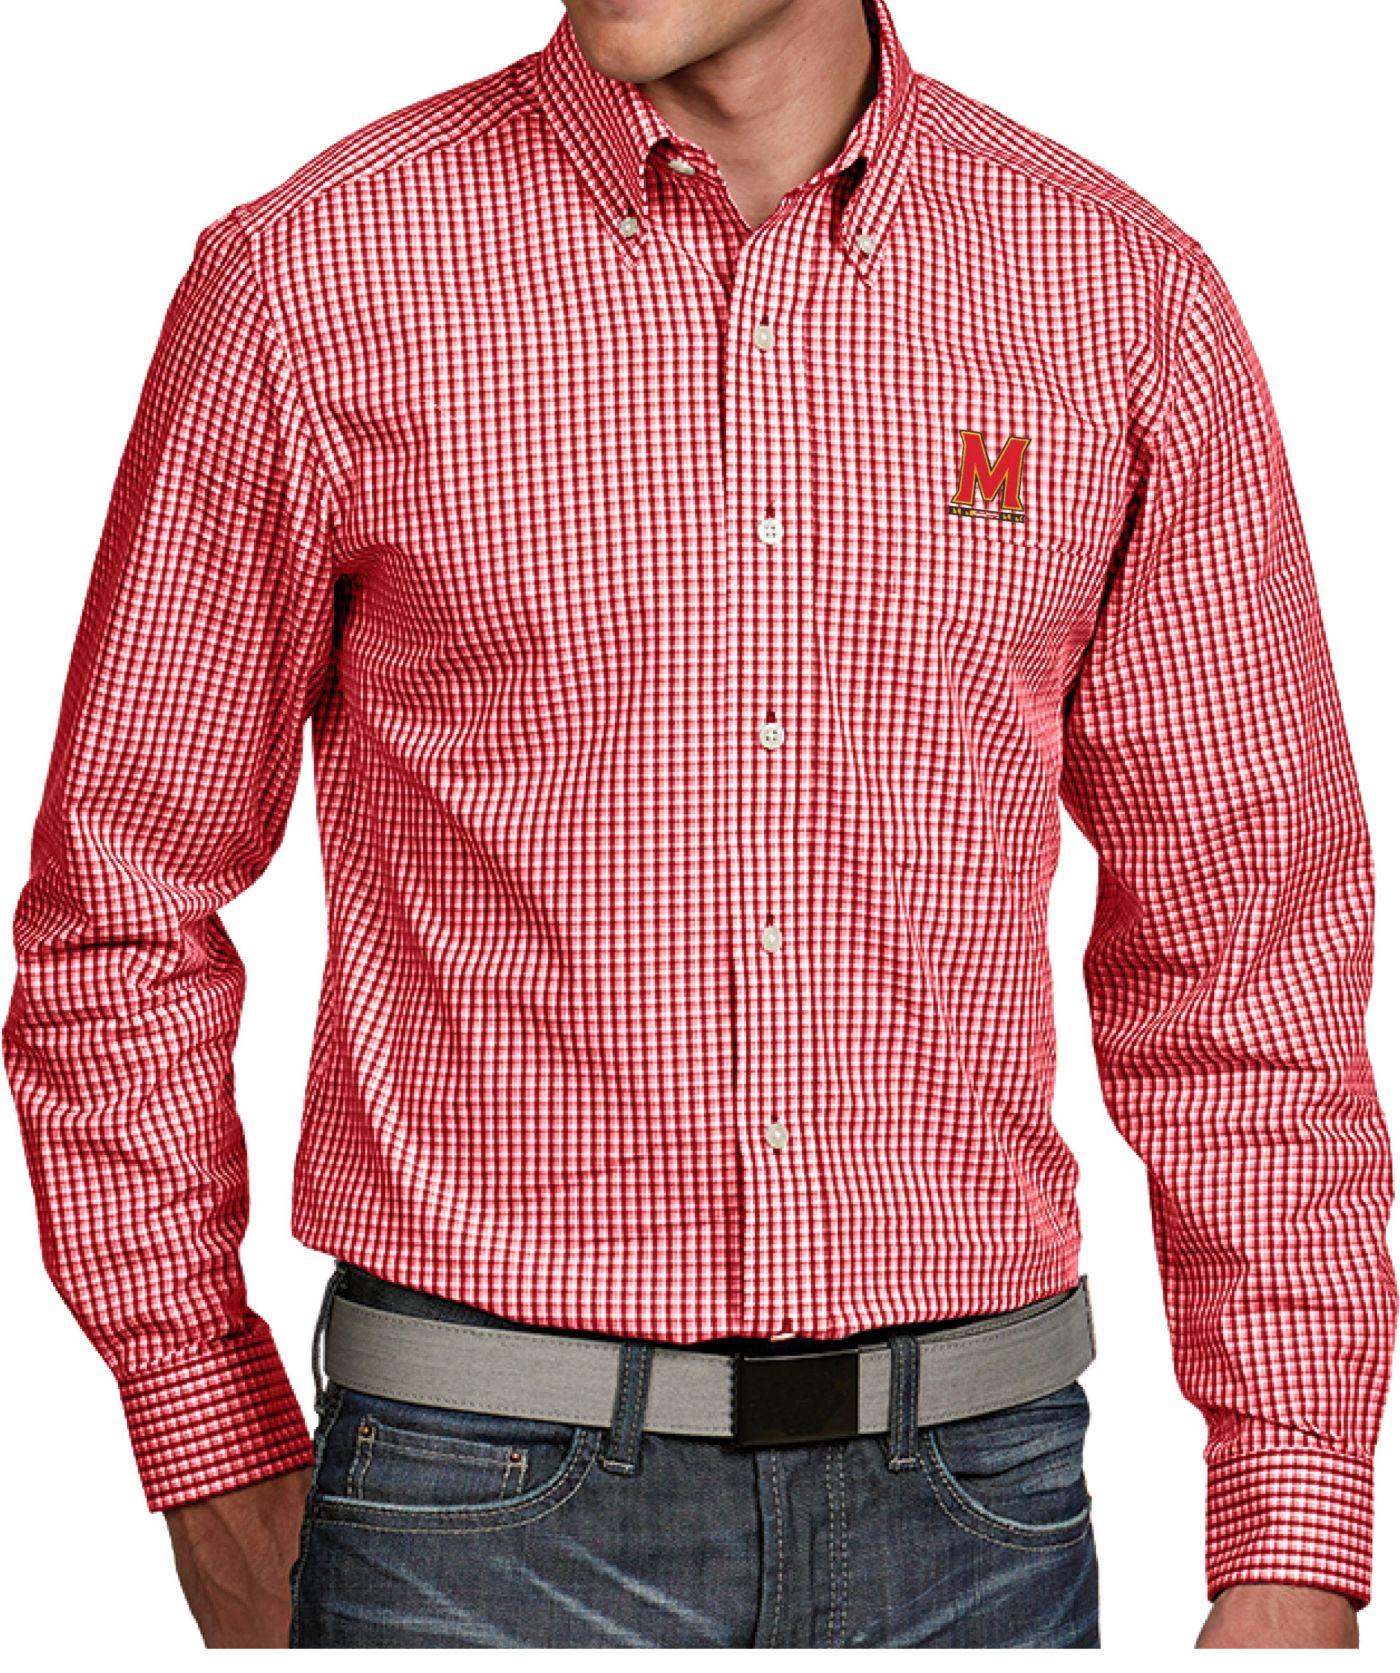 Antigua Men's Maryland Terrapins Red Associate Button Down Long Sleeve Shirt